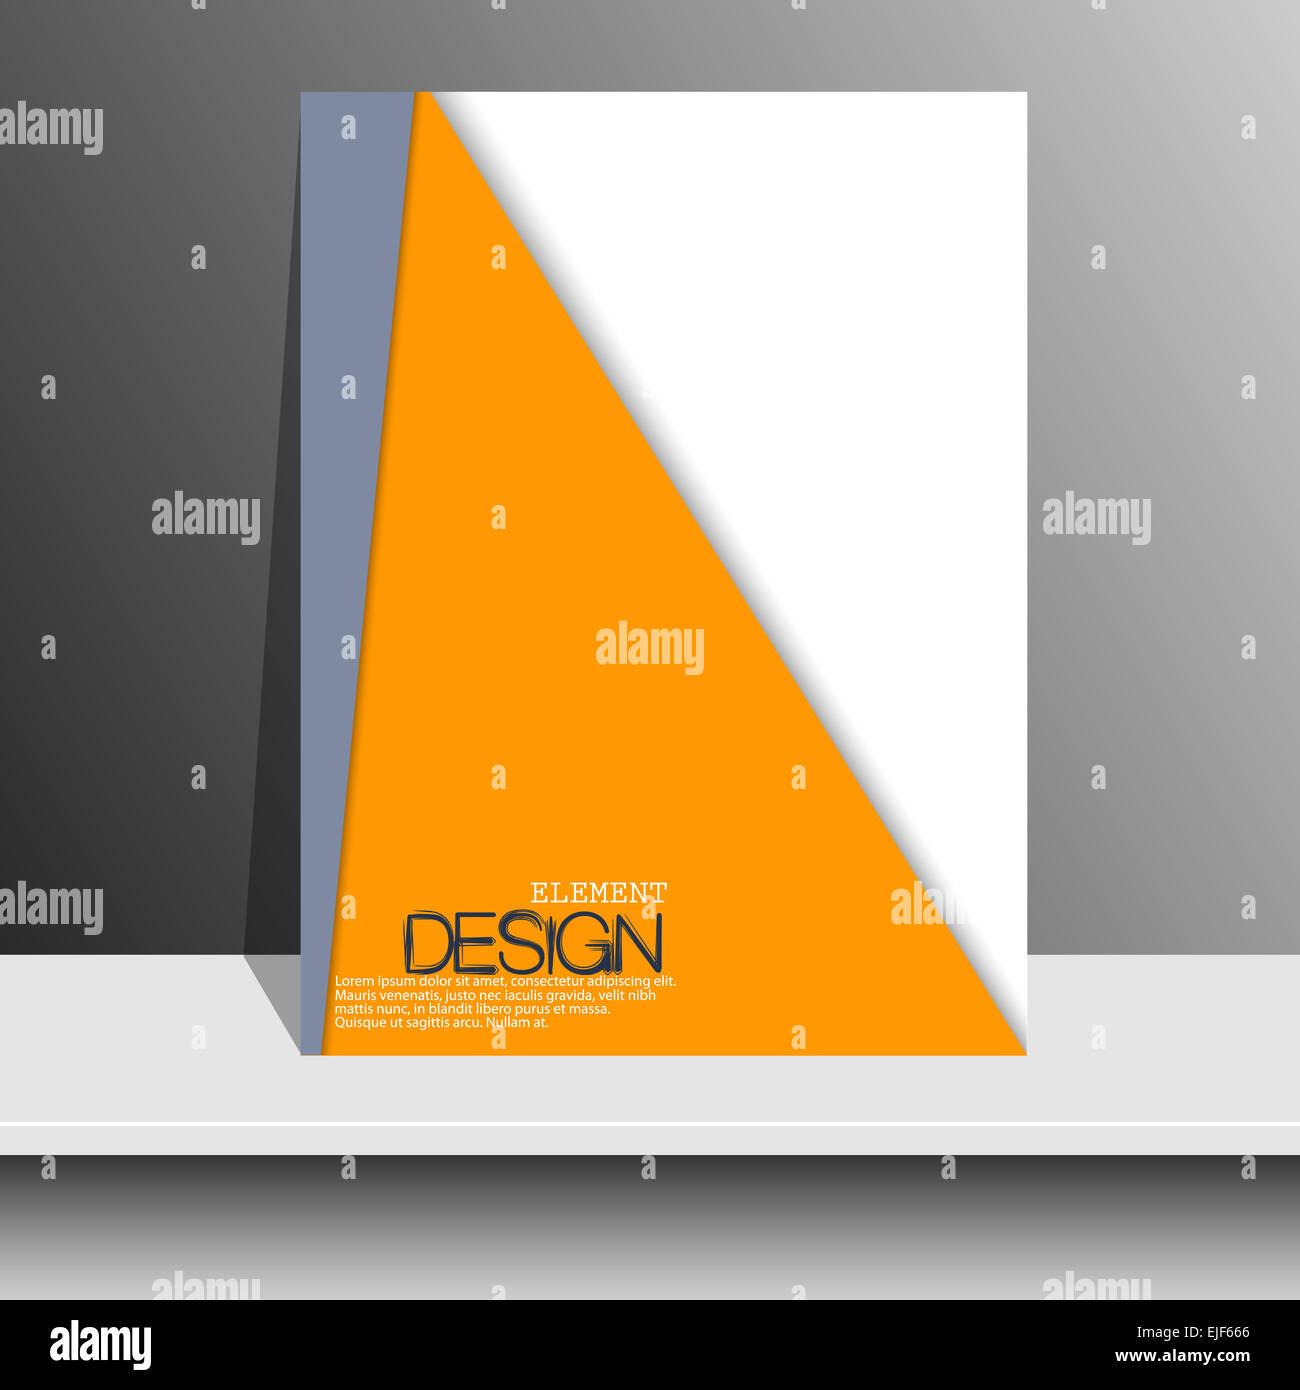 Magazin-Cover mit geschwungenen Linien, gestrichelte Linien und ...